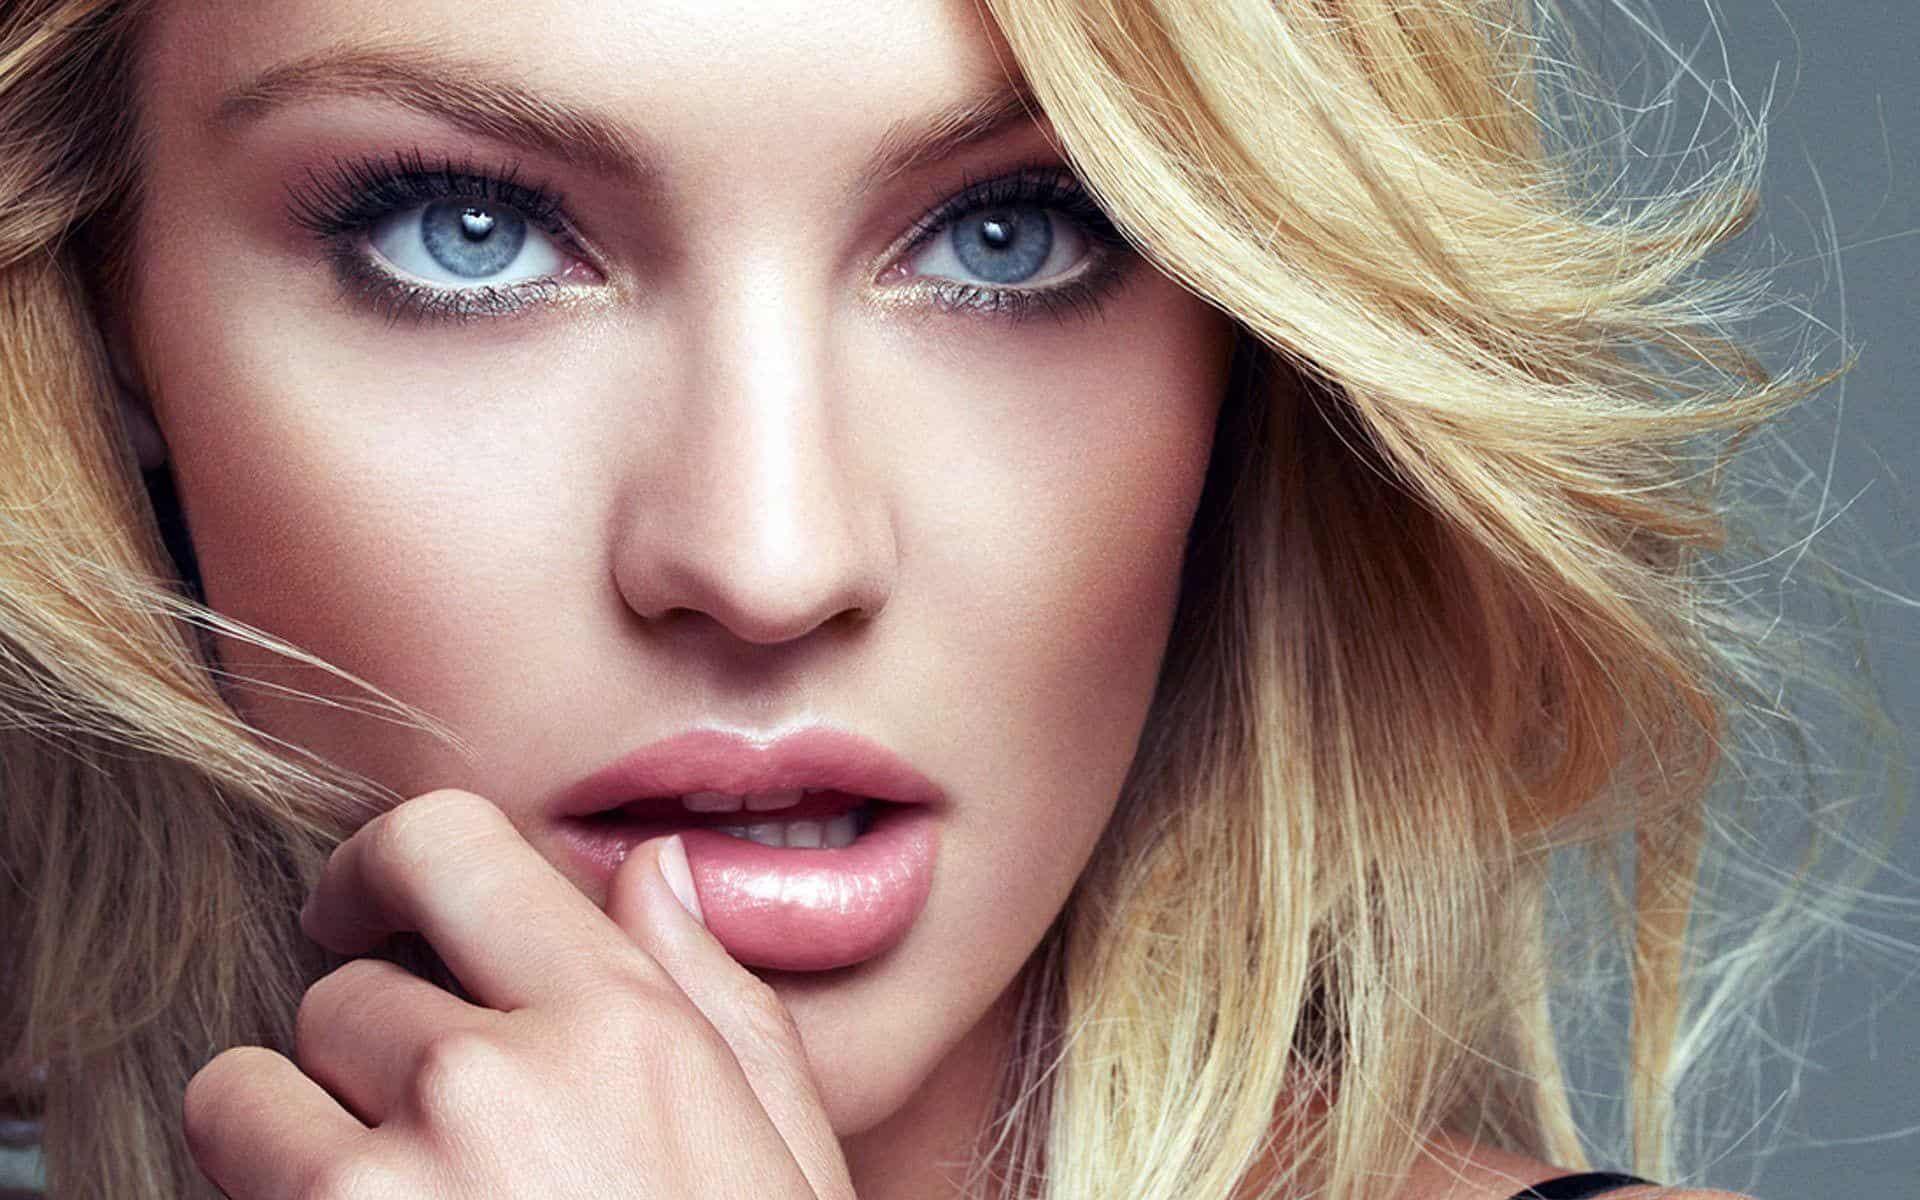 خلطات لإزالة شعر الوجه لإطلالة متميزة